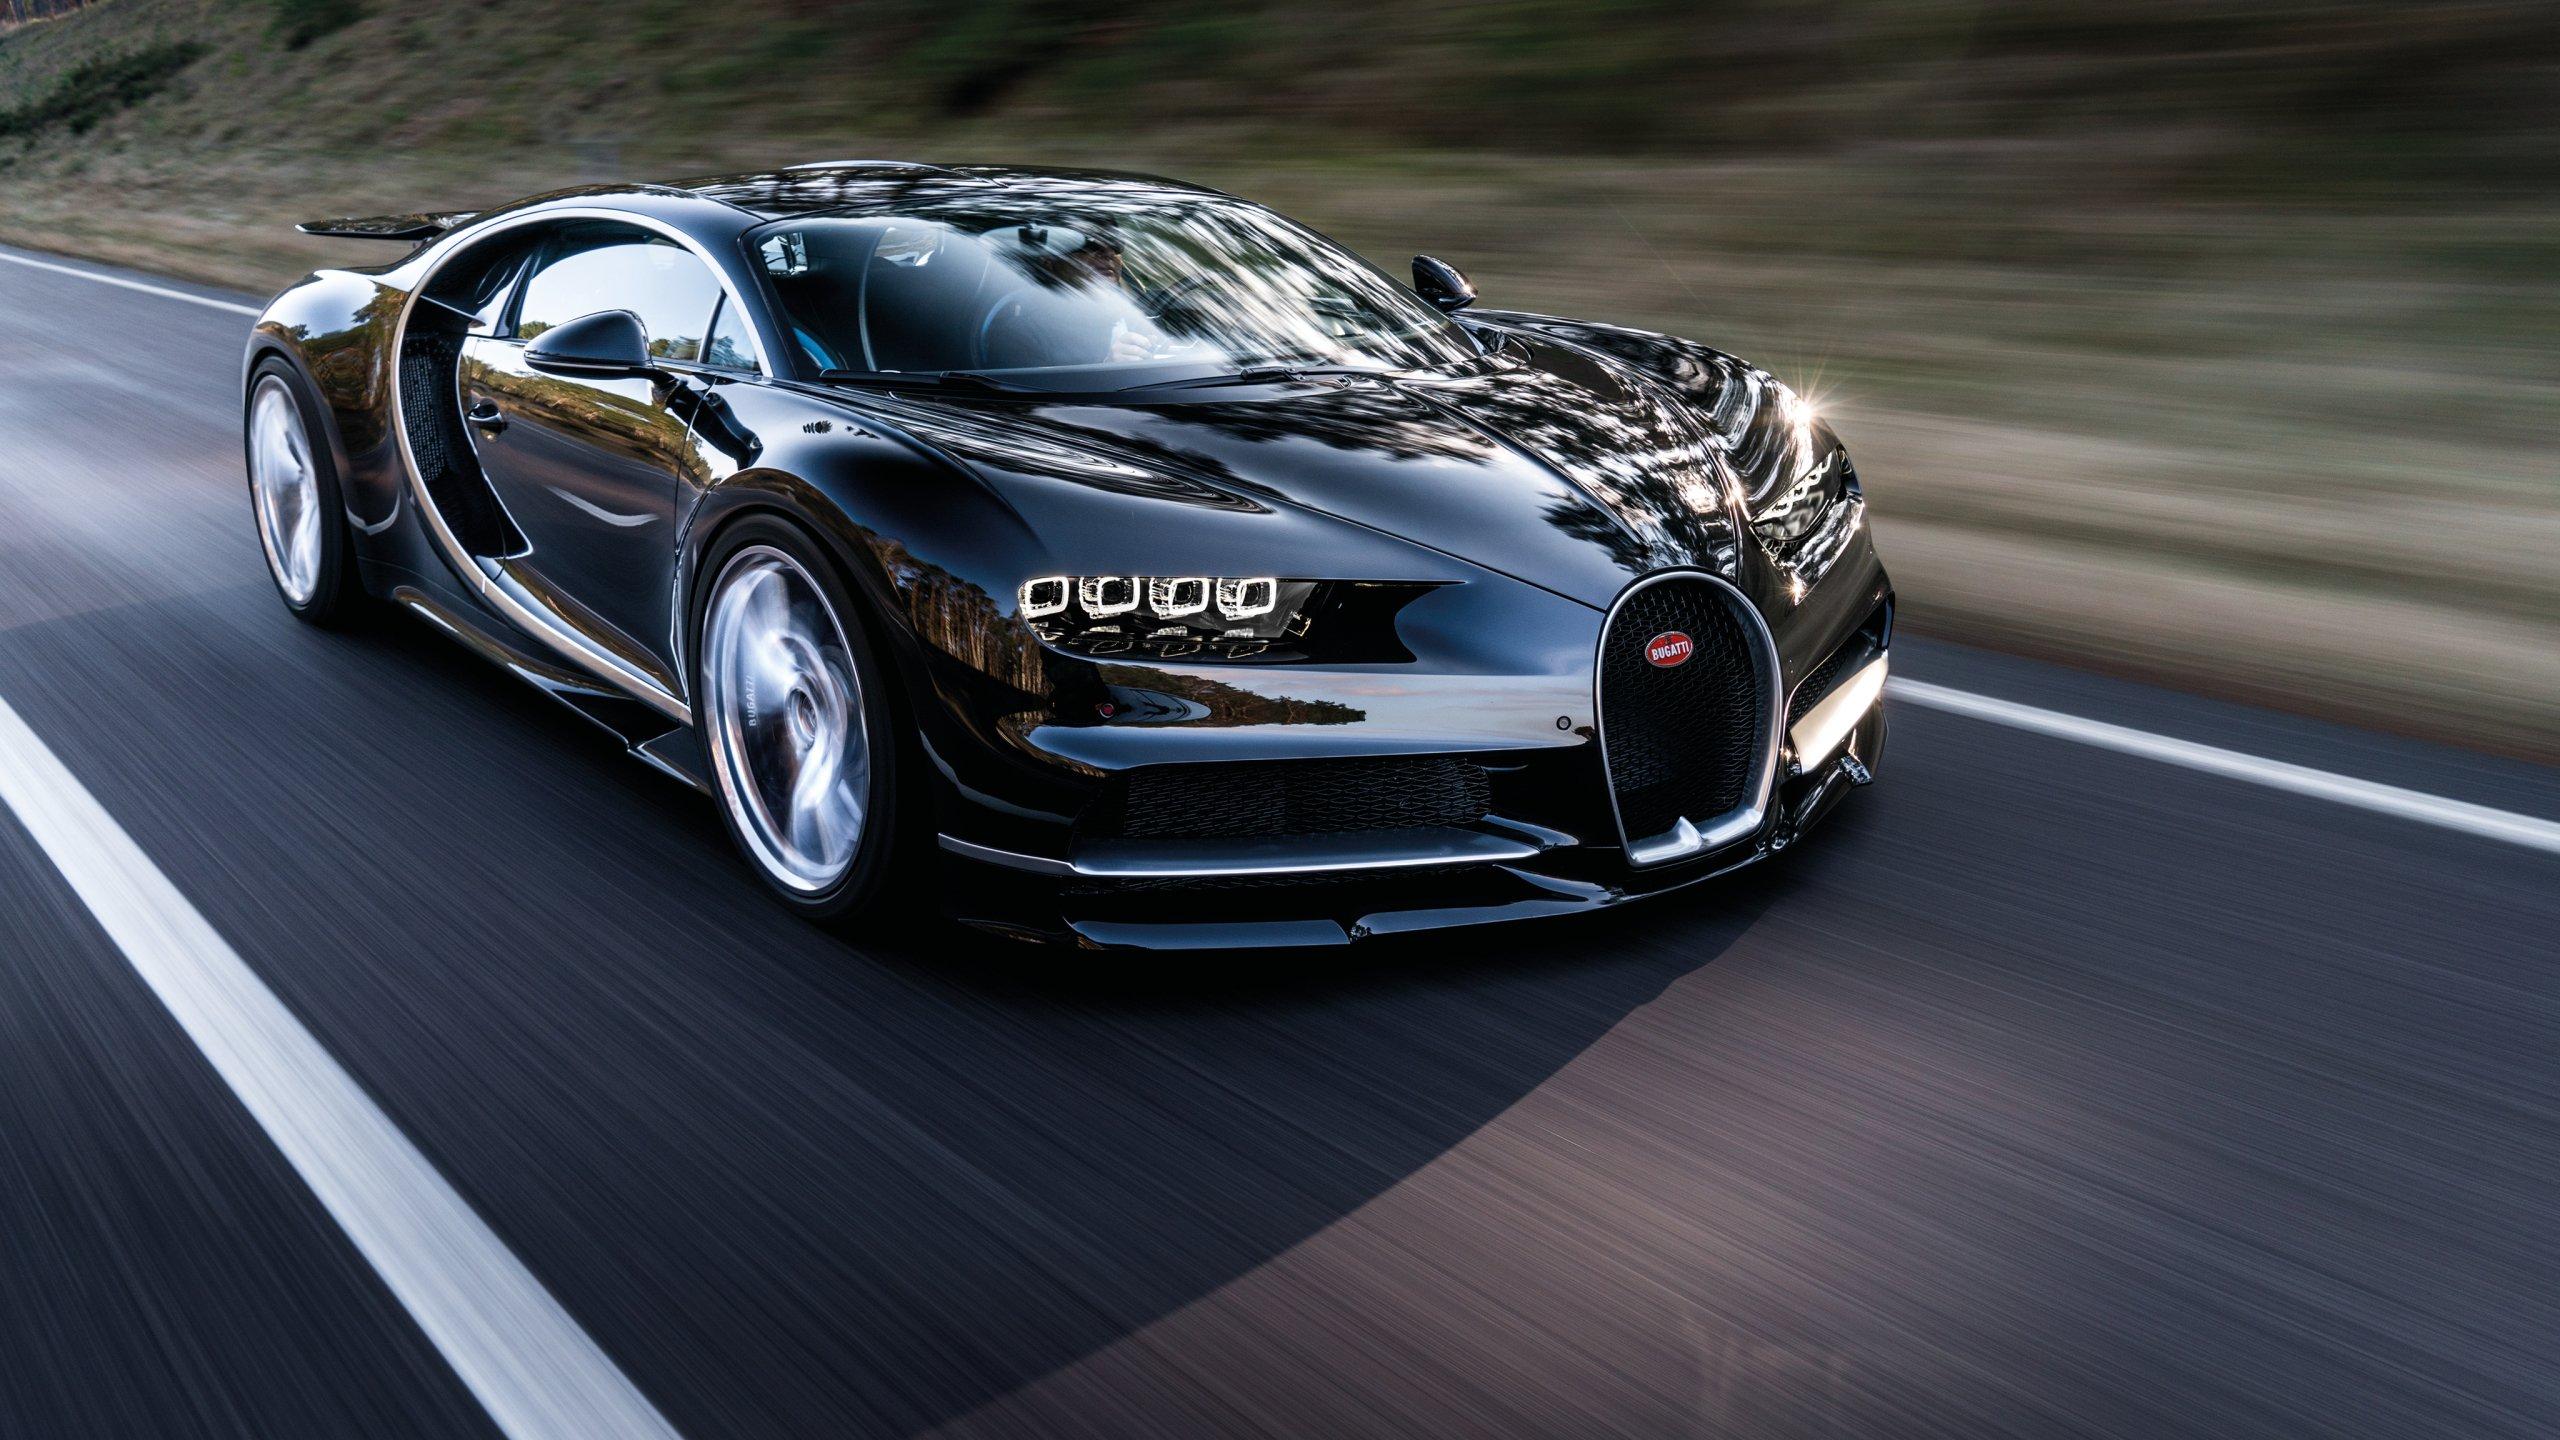 Bugatti hd wallpaper for laptop